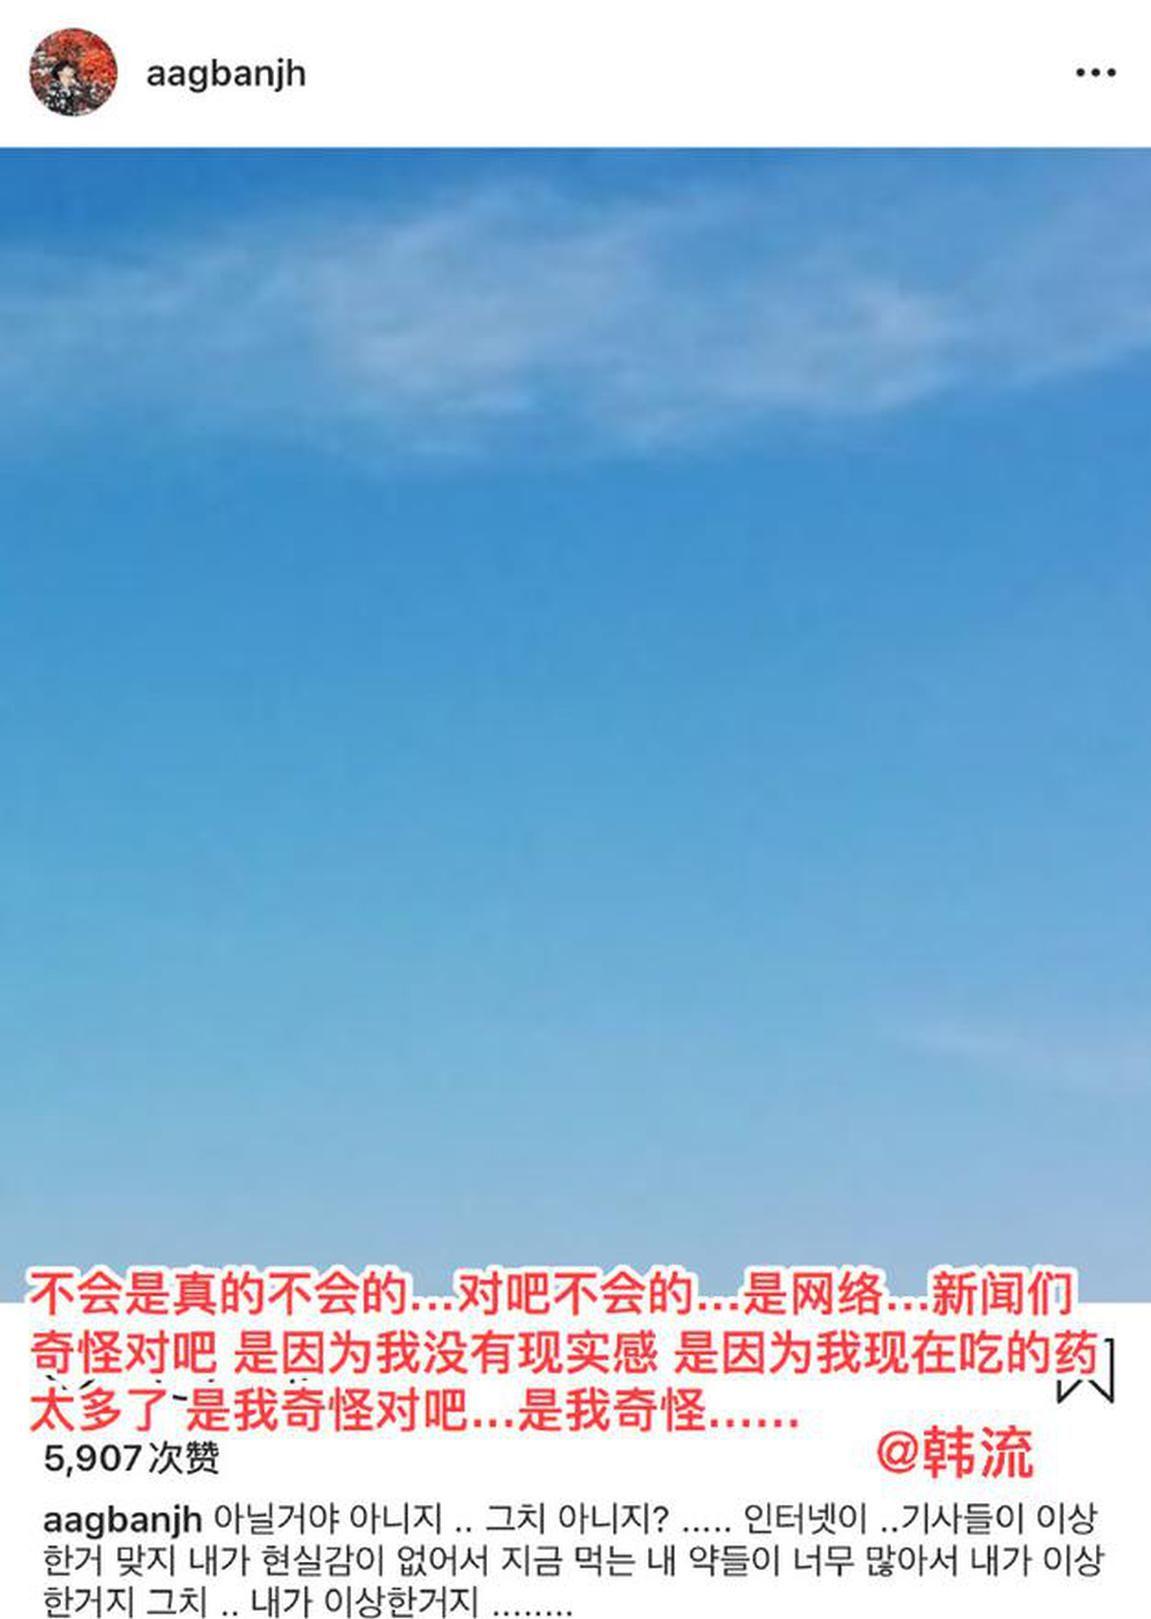 演员安宰贤发文回应雪莉去世:不会是真的 不会的